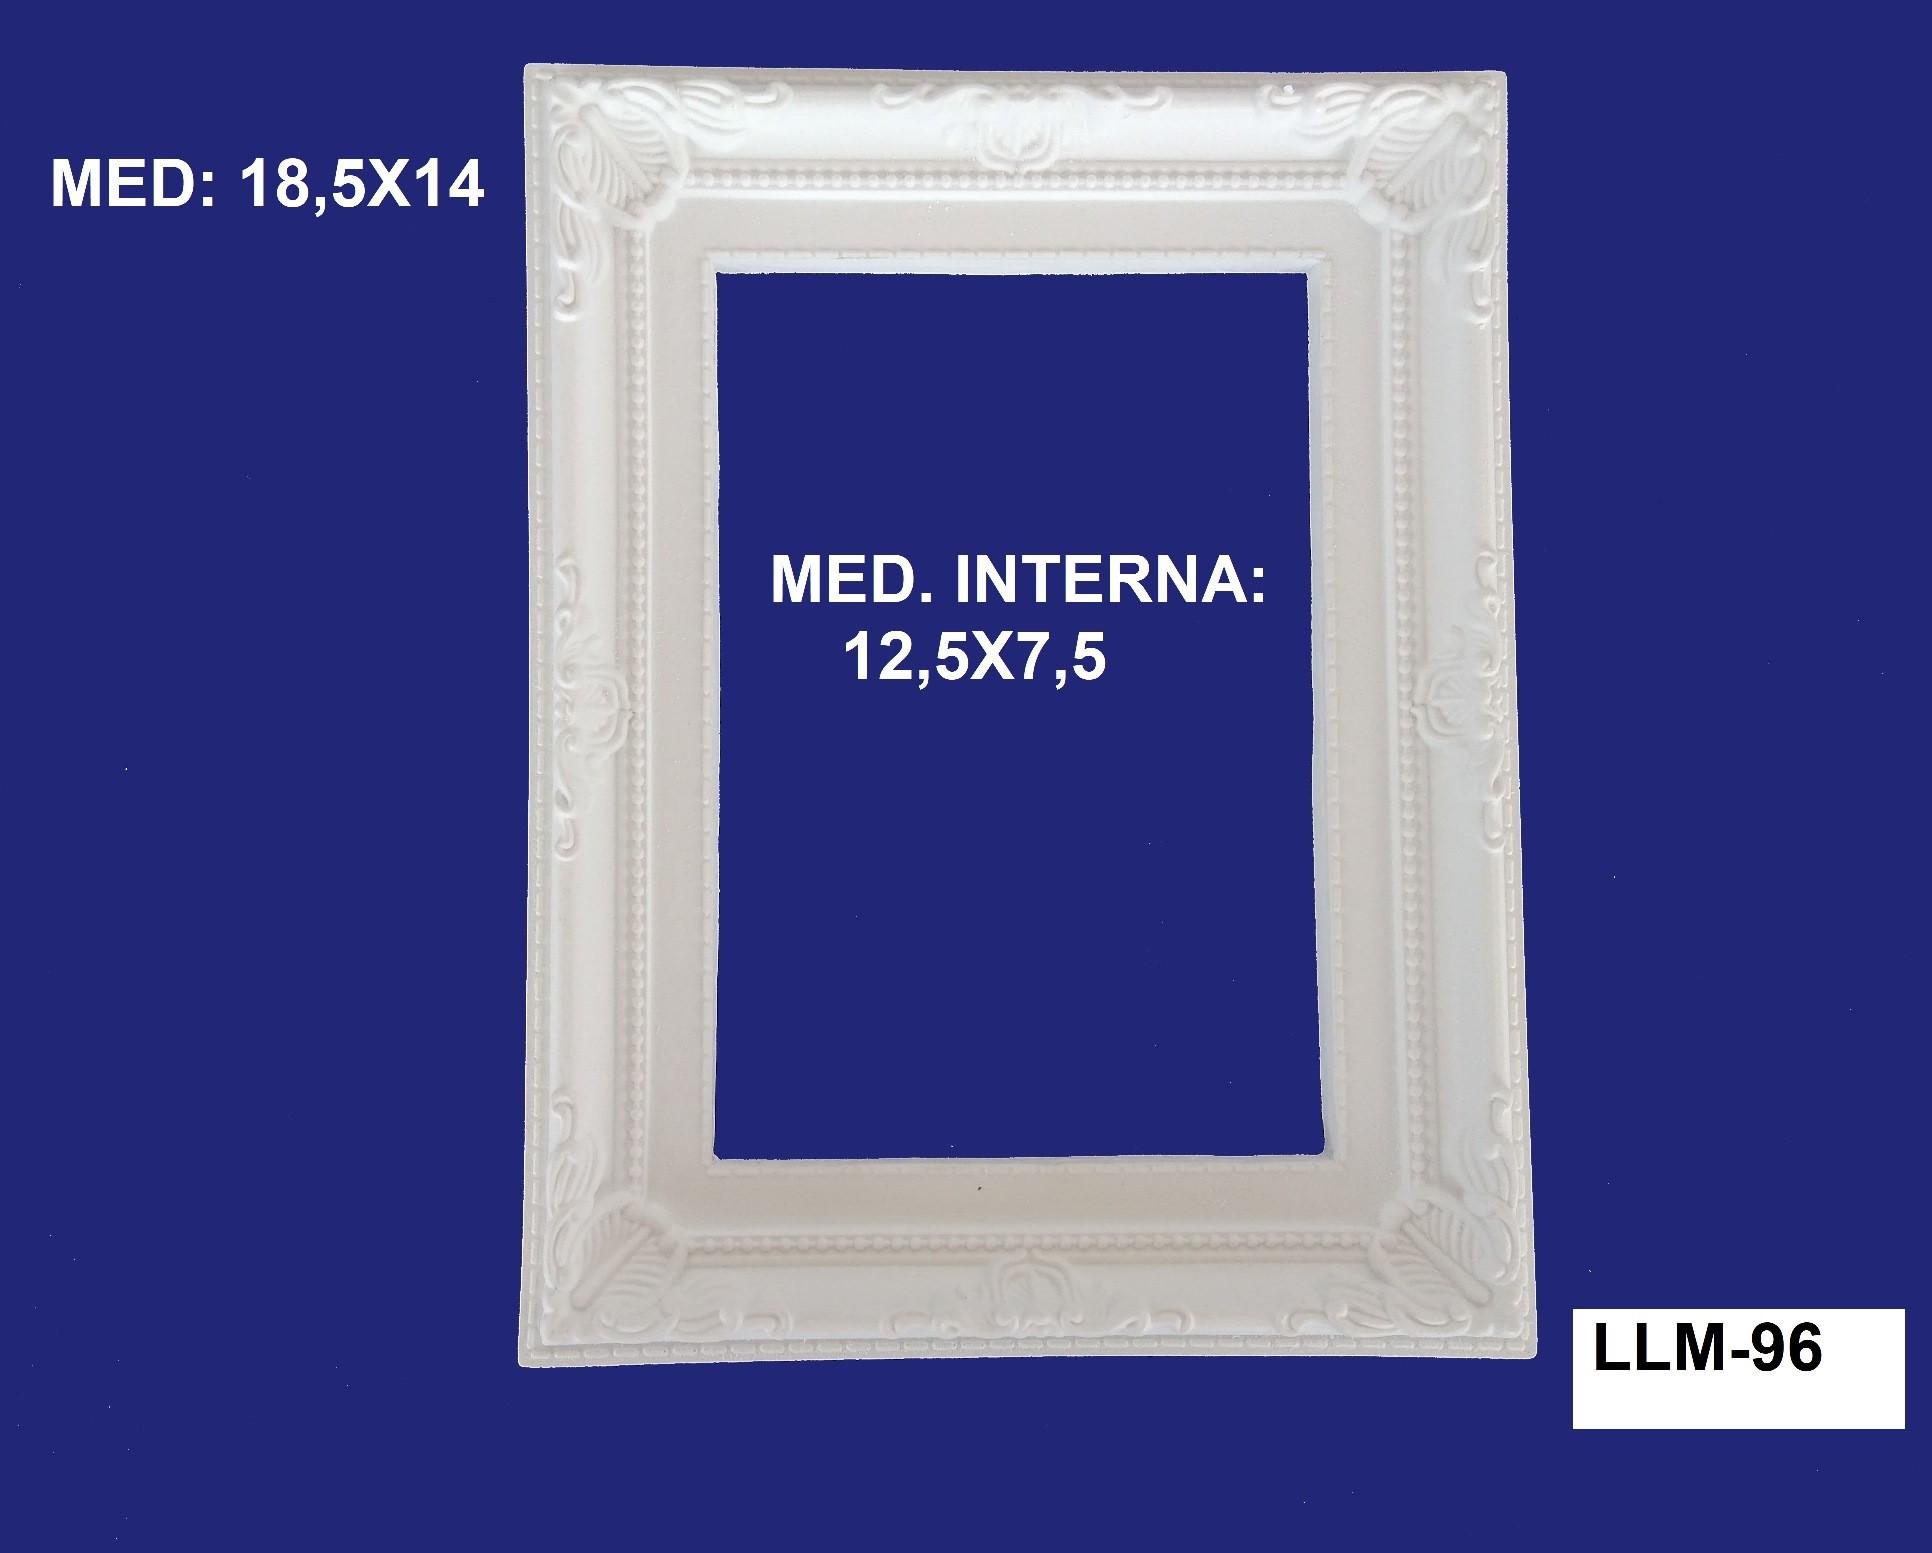 LLM-96 MOLDURA 18,5 X 14 INT:12,5 X 7,5CM